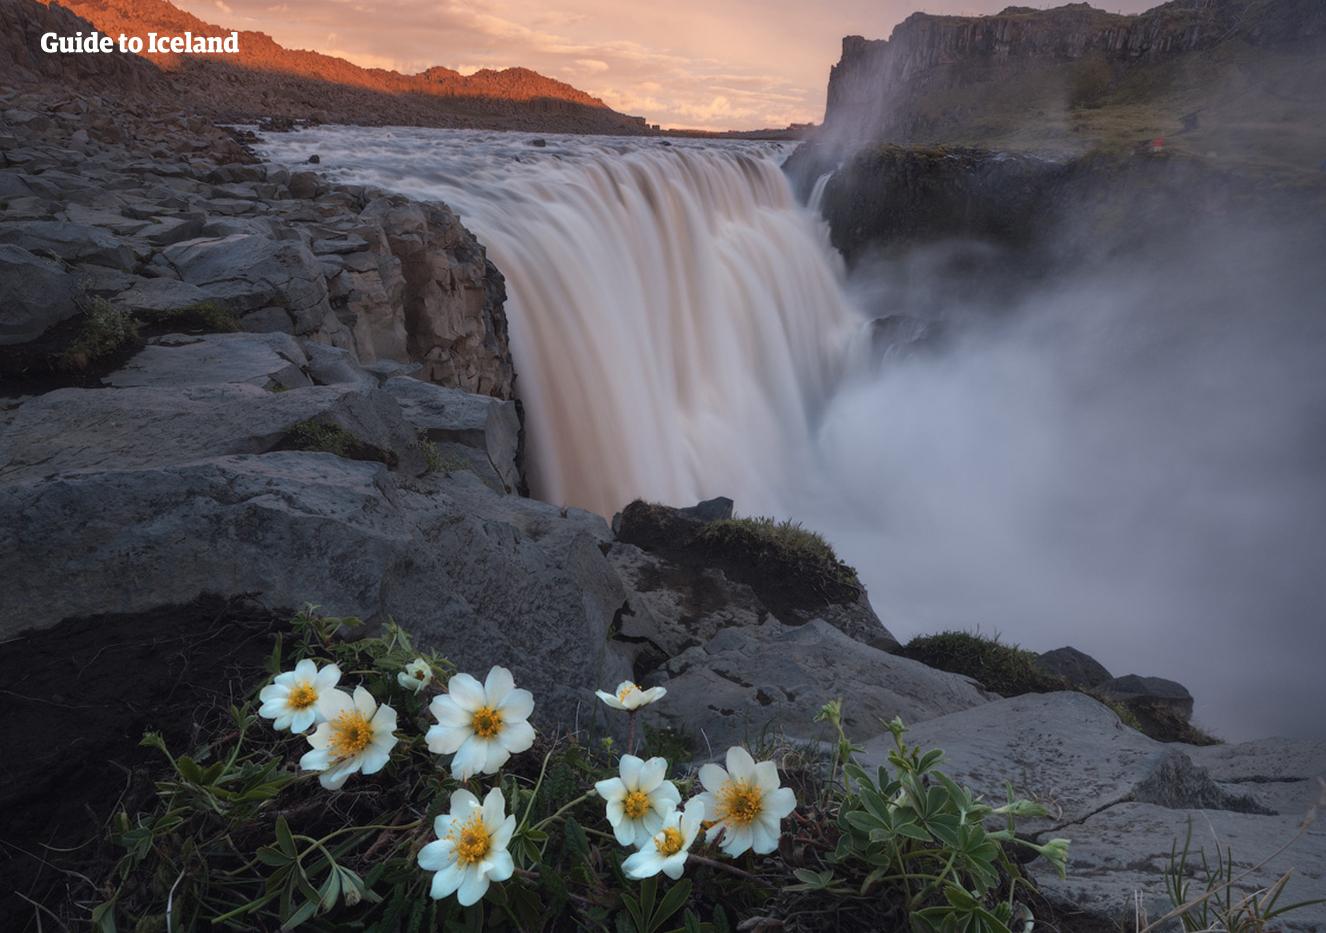 Najpotężniejszy wodospad w kraju, Dettifoss, w północnej Islandii.